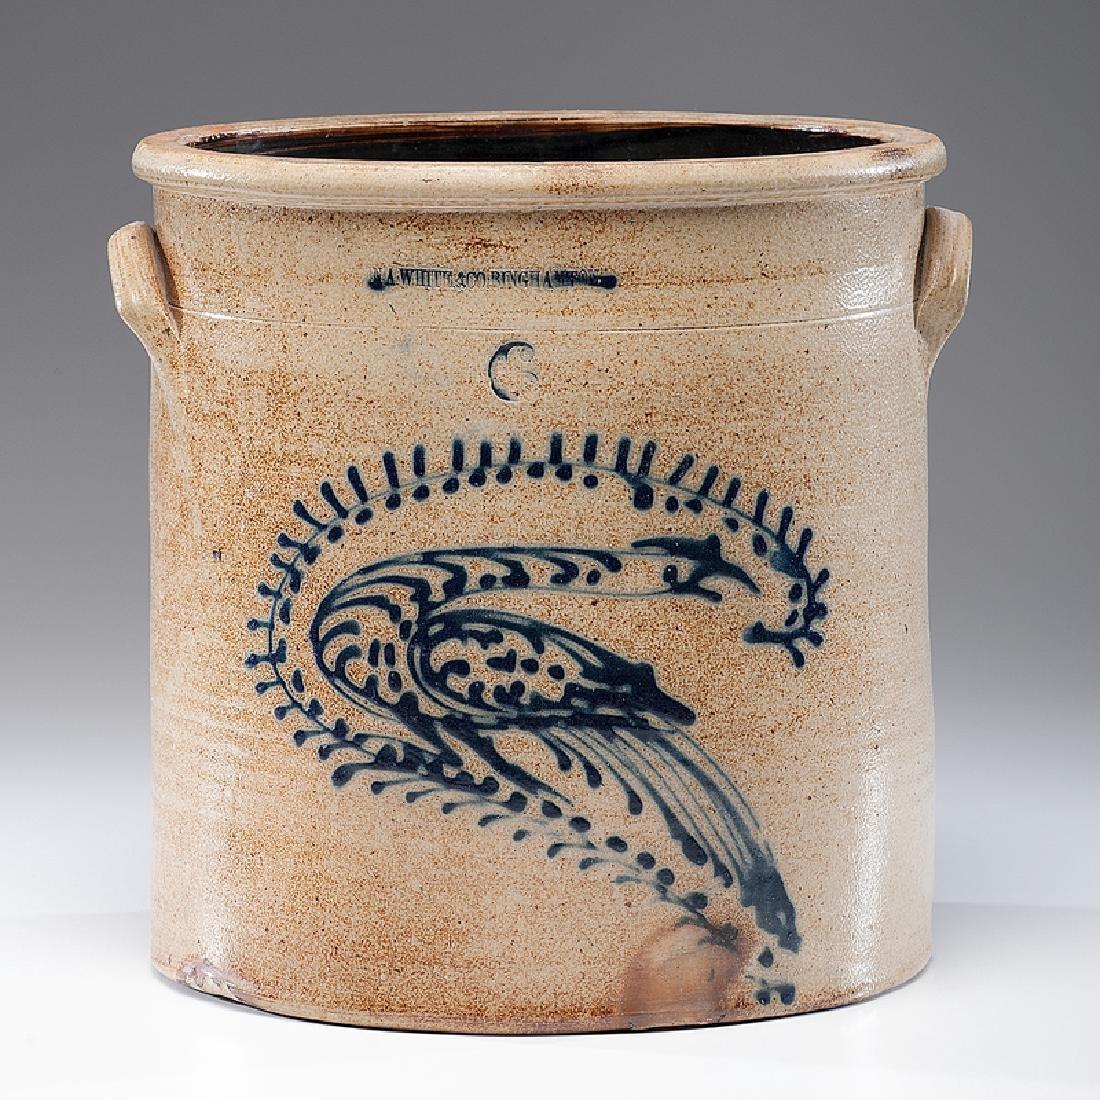 N. A. White & Co.  Six-Gallon Stoneware Crock